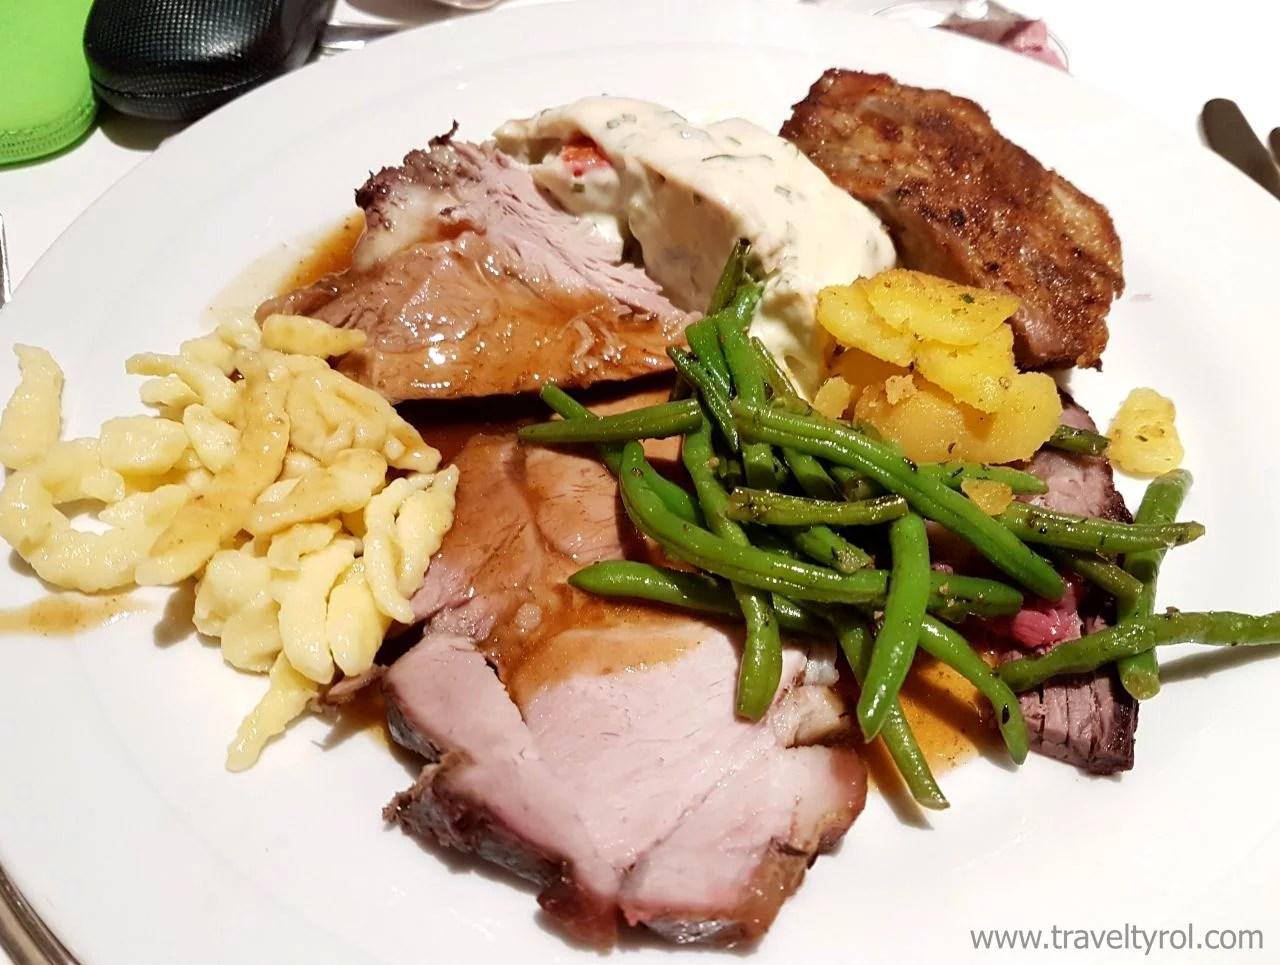 Dinner food plate at Hotel Serles